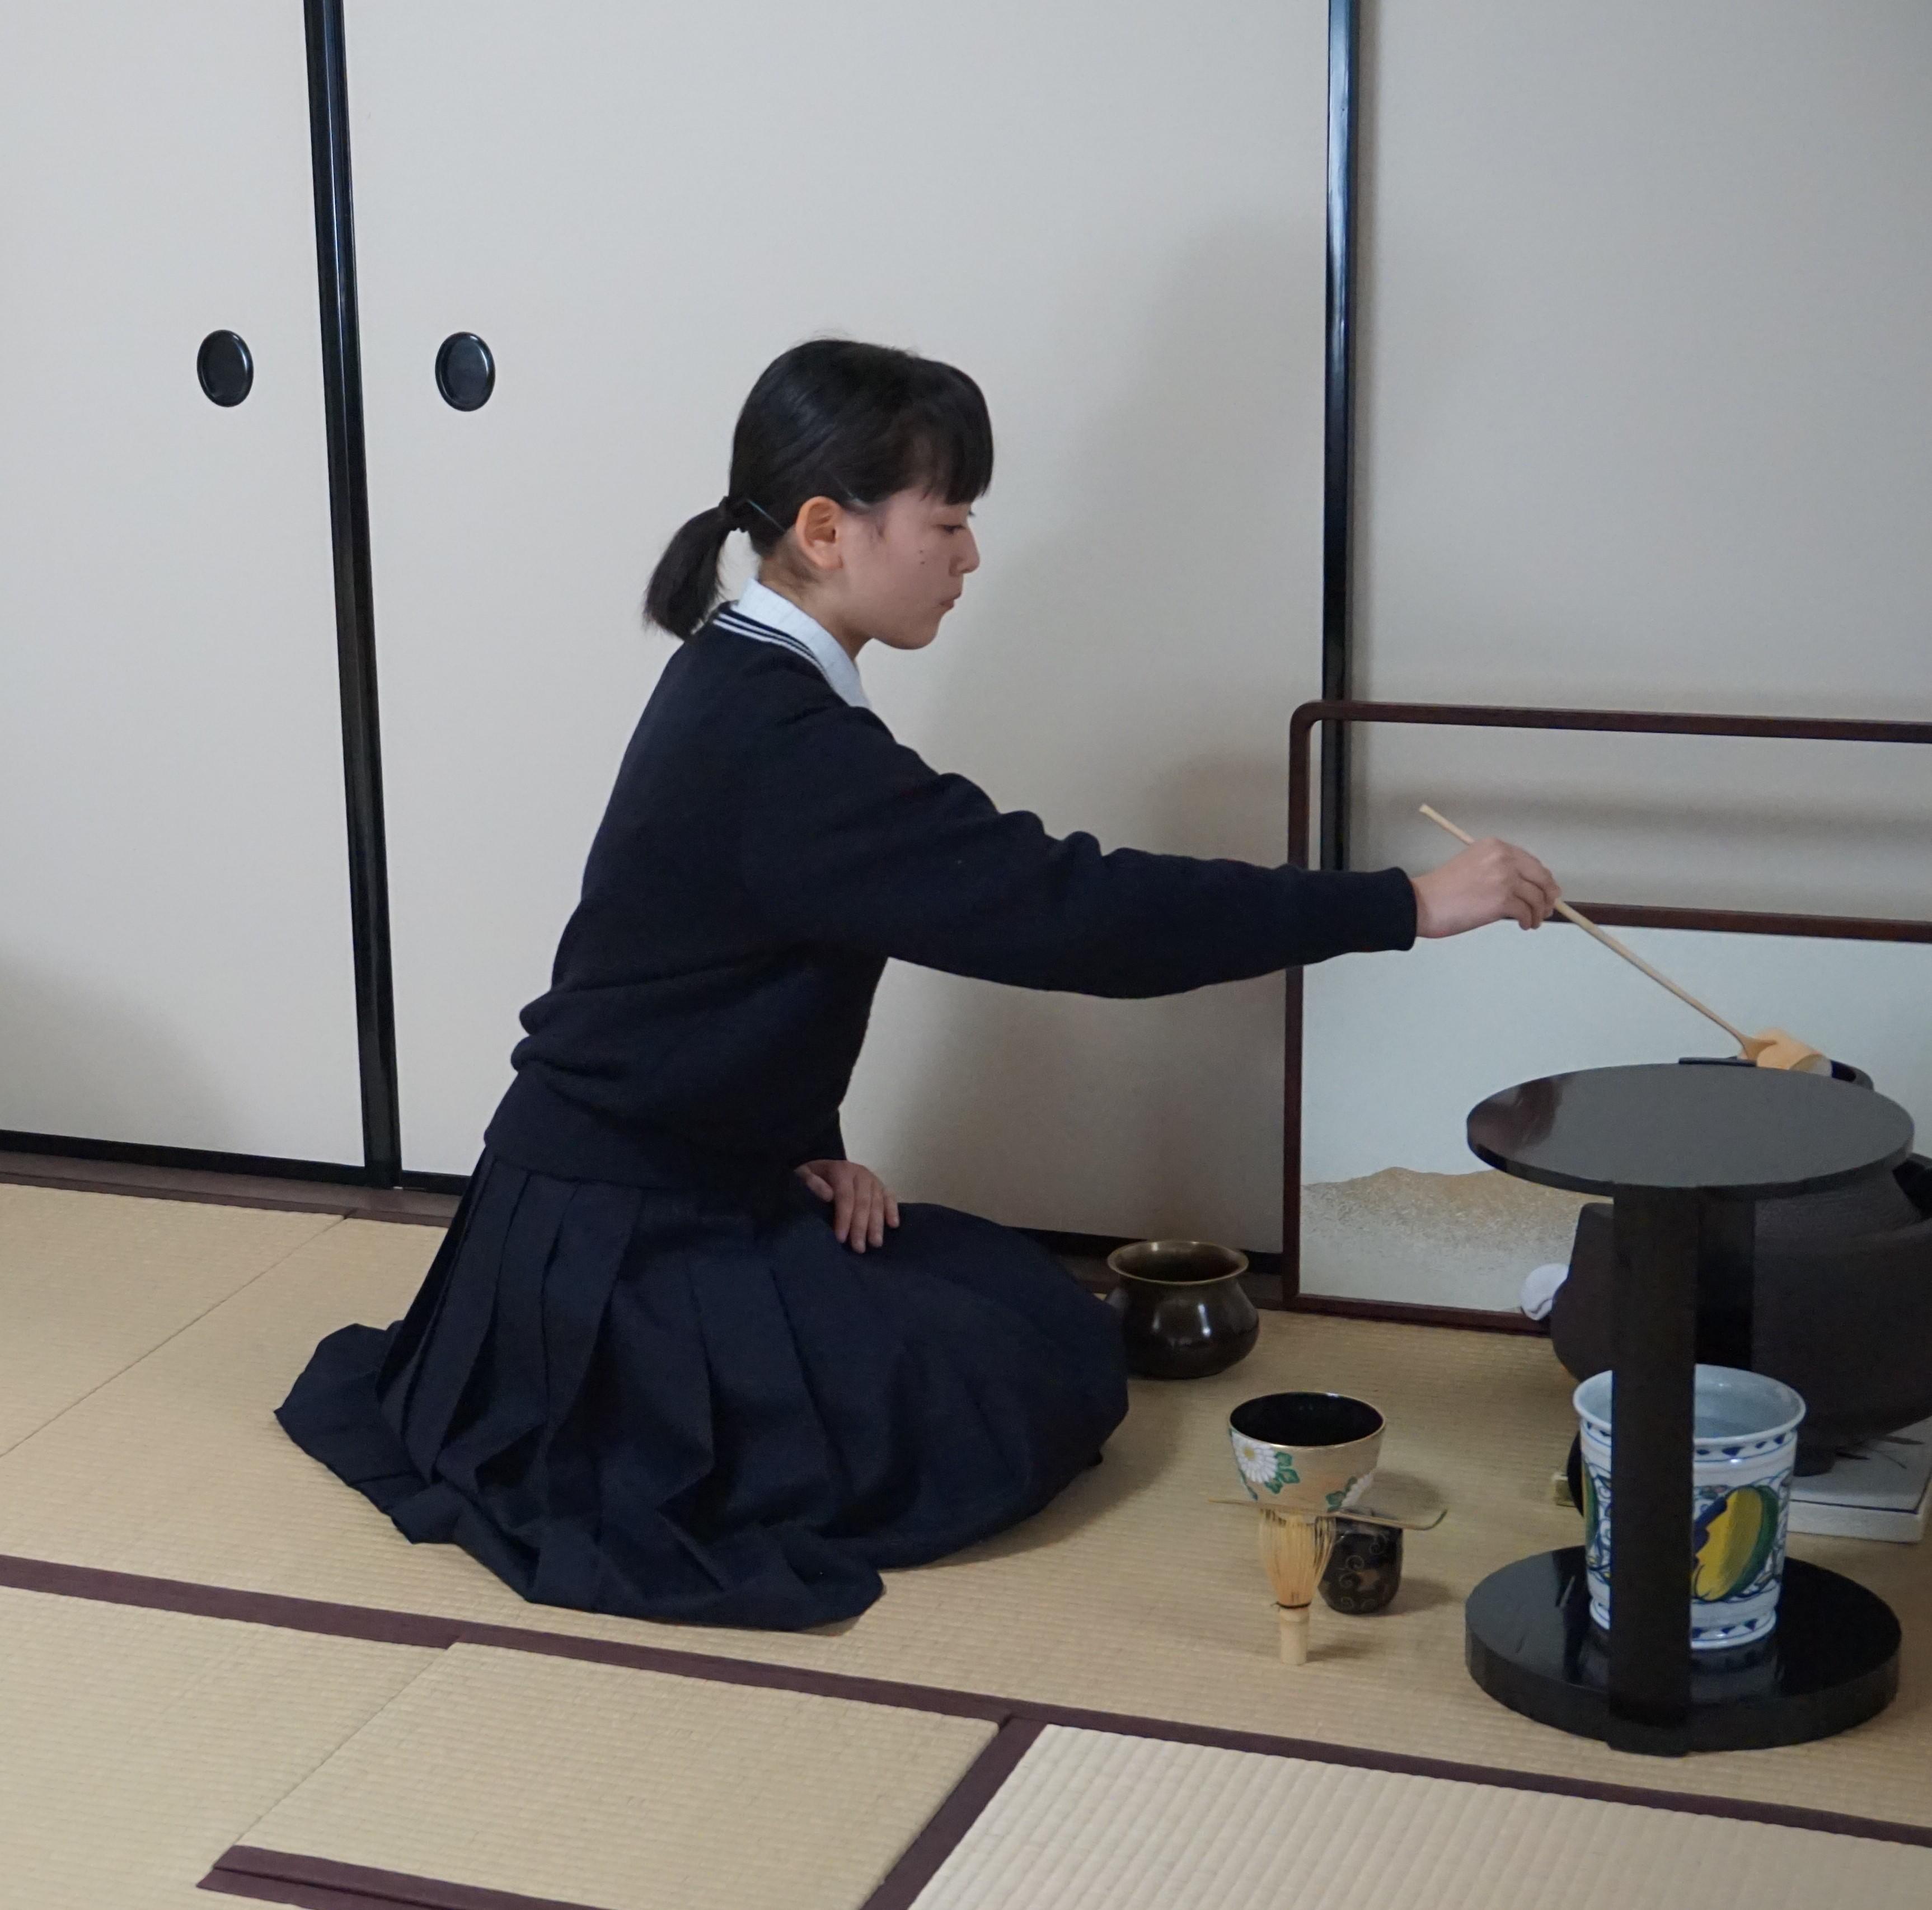 http://www.kyoto-be.ne.jp/nishijyouyou-hs/mt/club/images/DSC02195.JPG